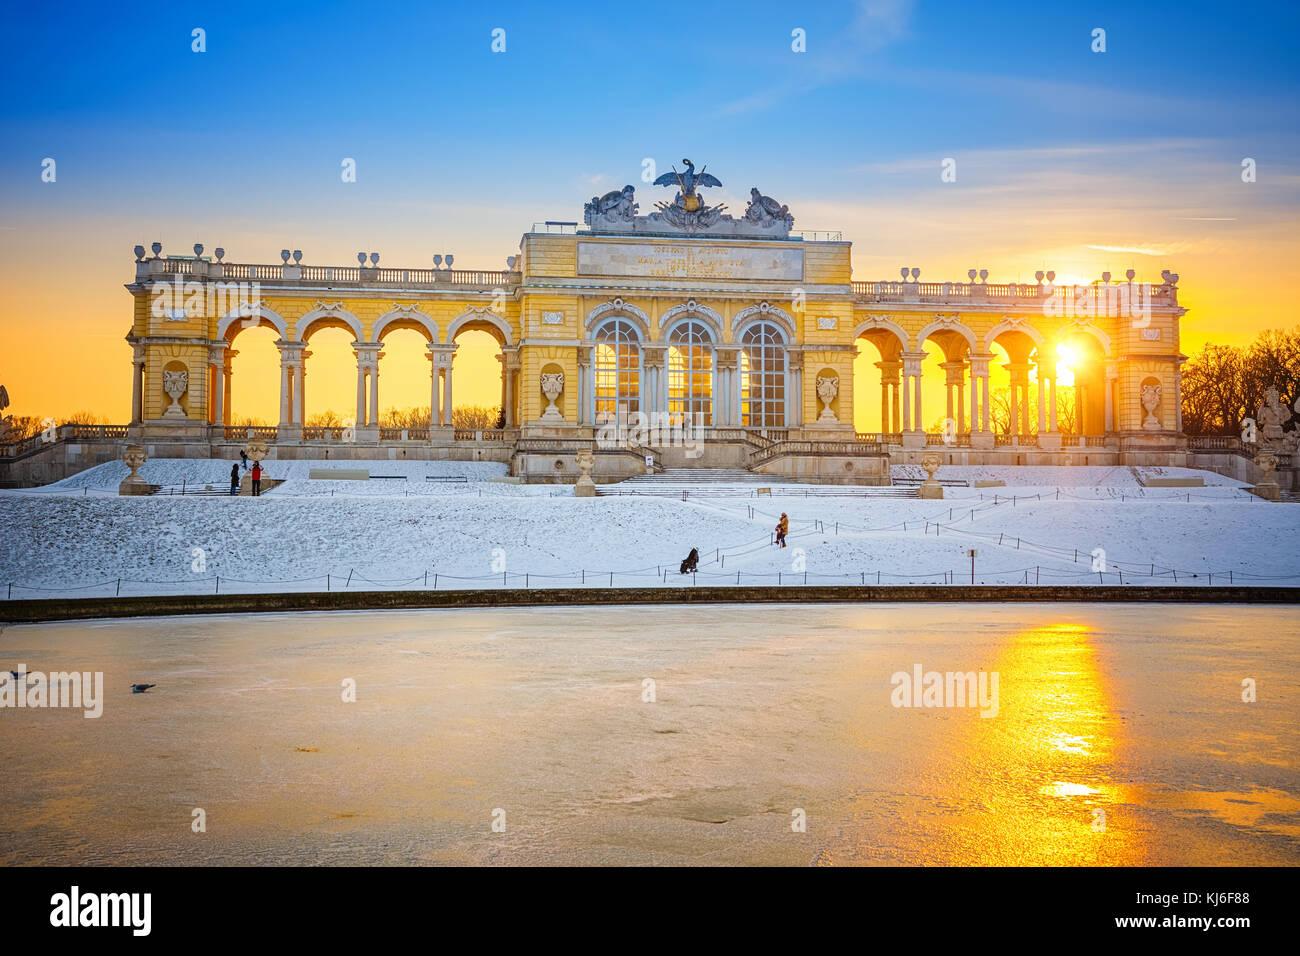 Gloriette nel Palazzo di Schonbrunn in inverno, Vienna, Austria Immagini Stock